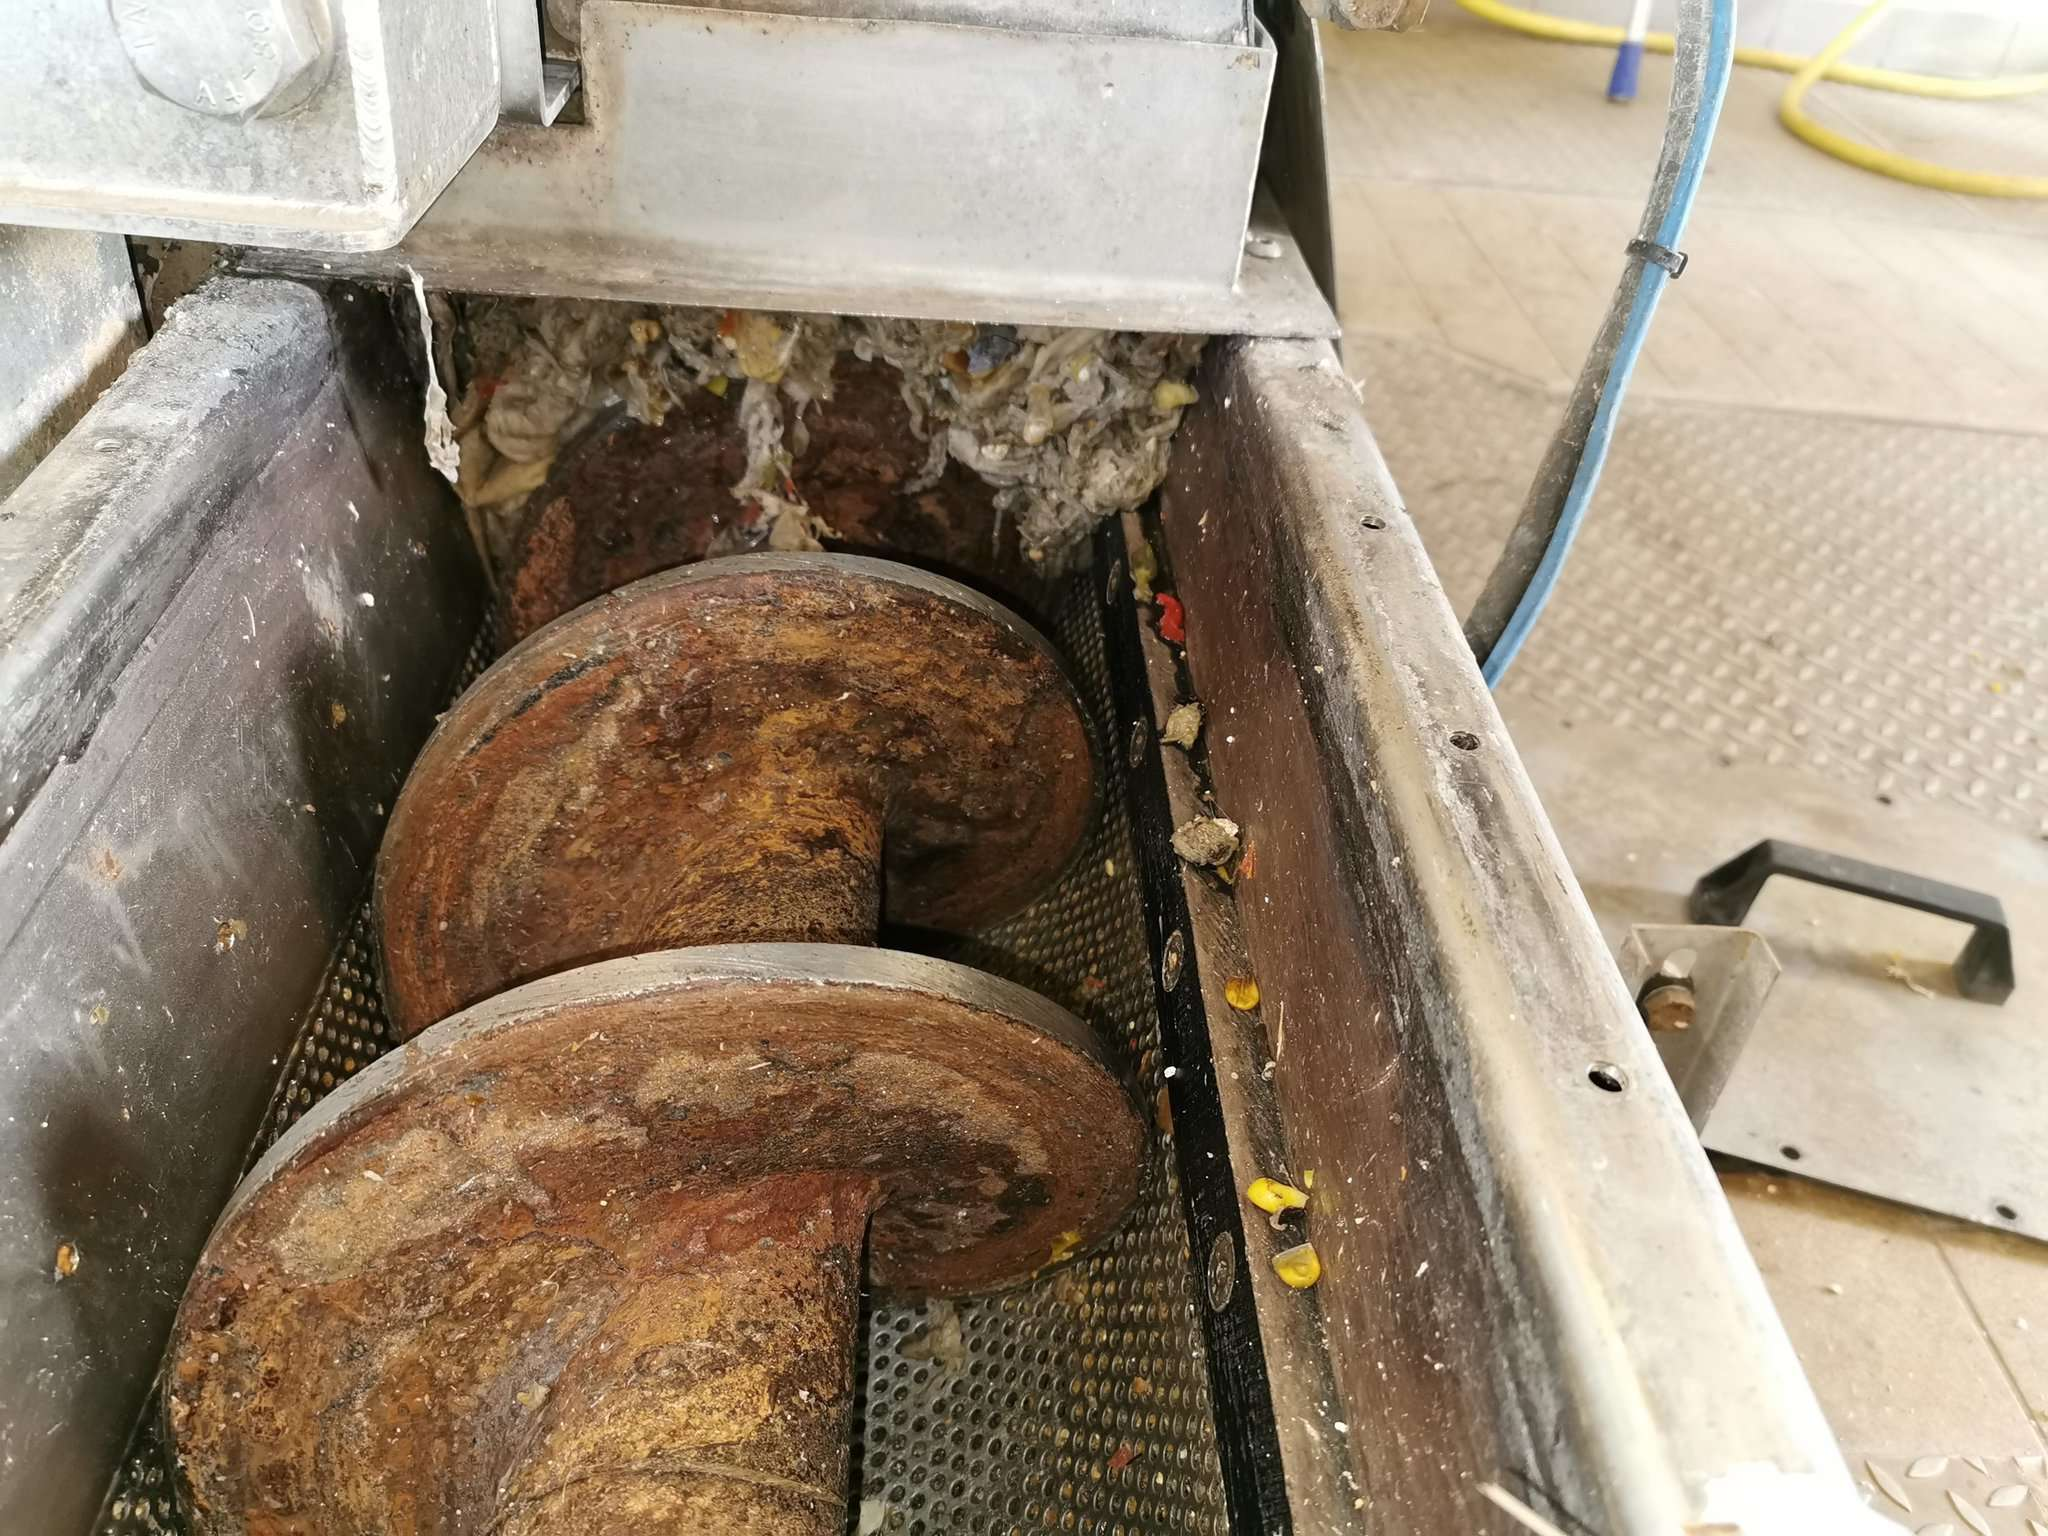 Feuchttücher verstopfen die Kläranlage. Foto: AZV